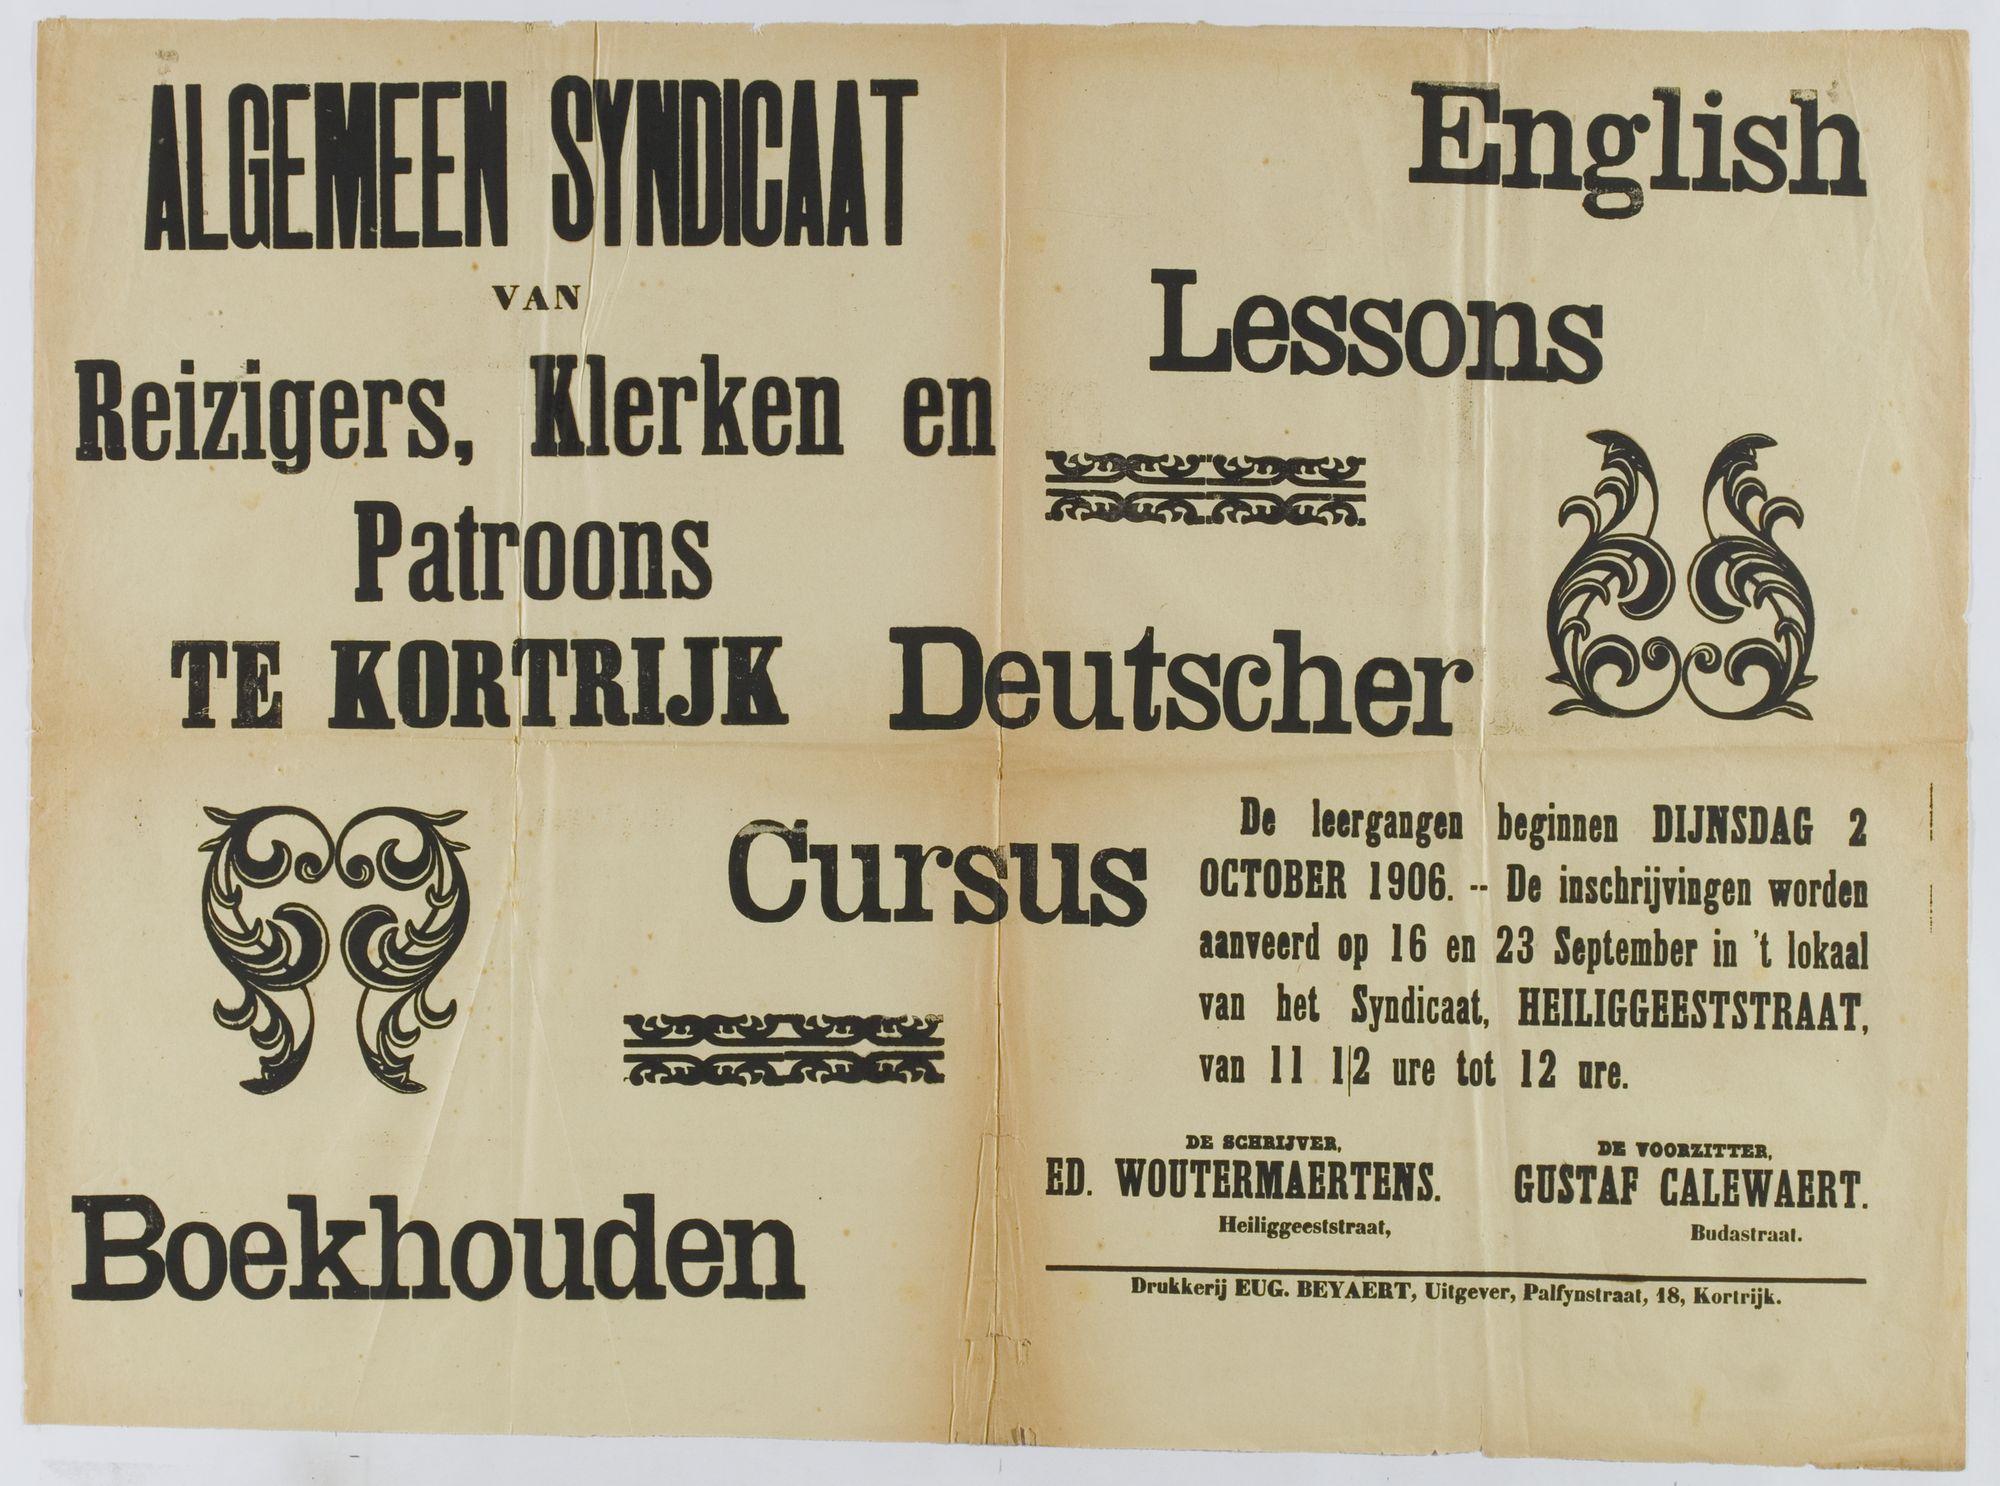 Algemeen syndicaat van Reizigers Klerken en Patroons